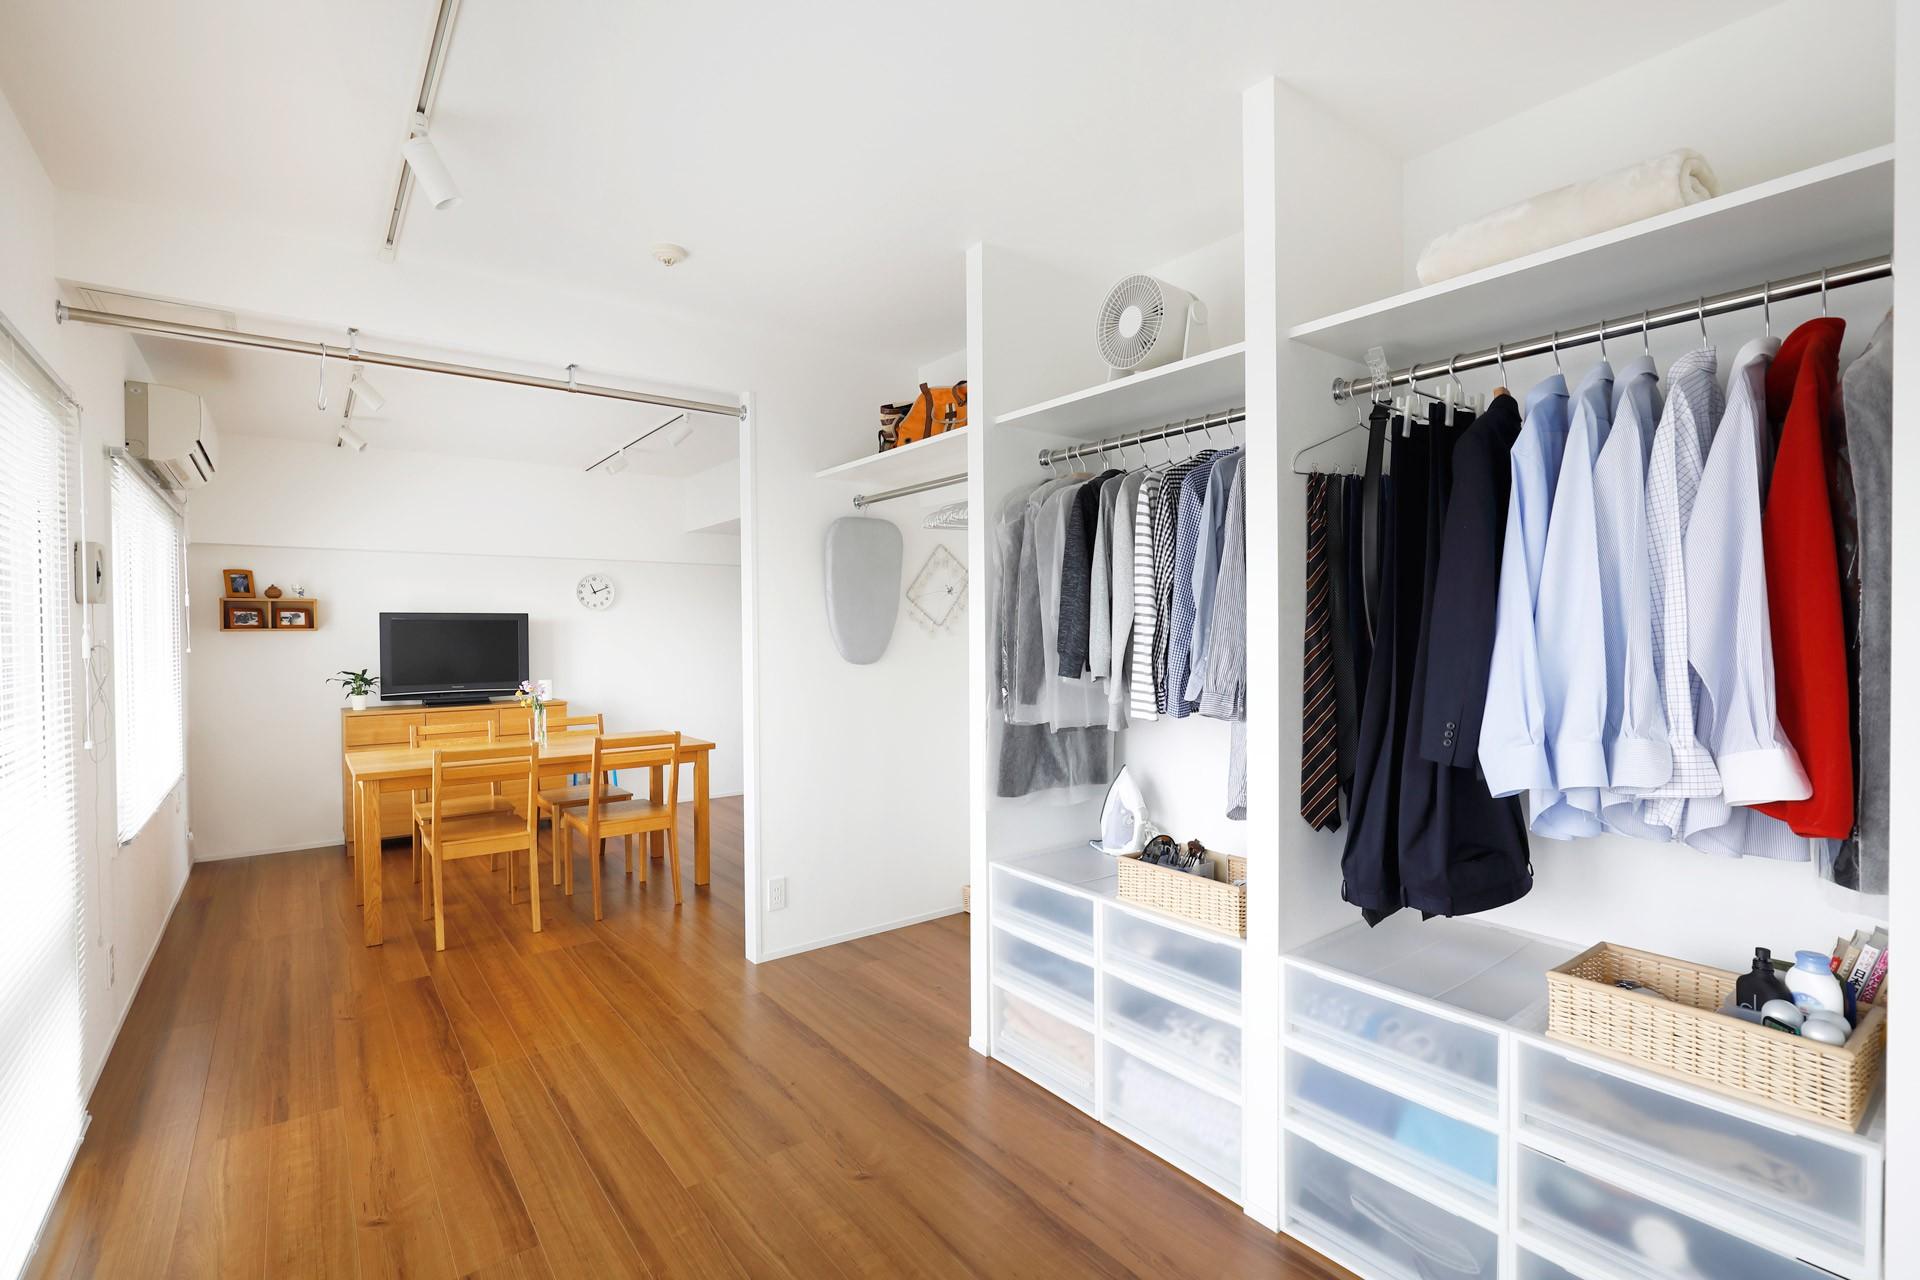 収納事例:収納もオープンに(玄関が広くドアのない空間は、明るく開放的で暮らしやすさ抜群。)